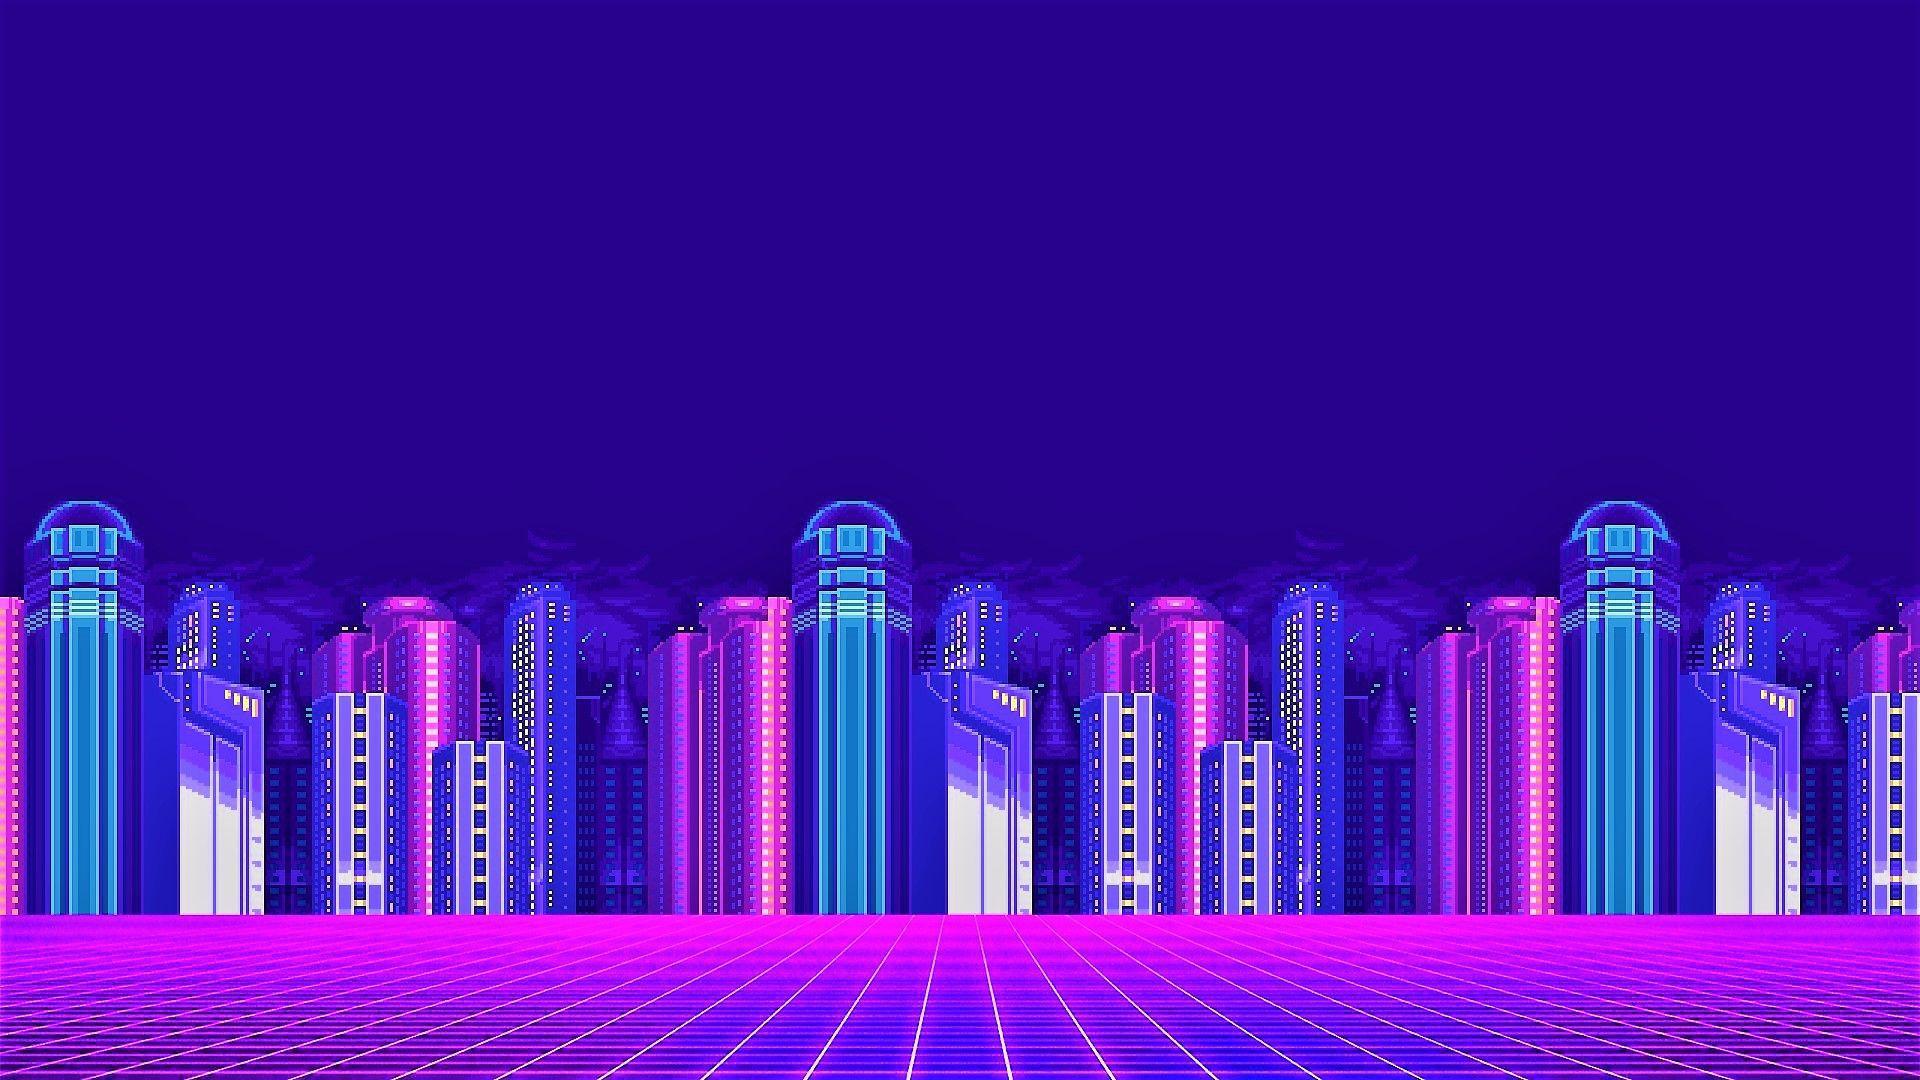 Neon City Vaporwave Wallpapers Top Free Neon City Vaporwave Backgrounds Wallpaperaccess